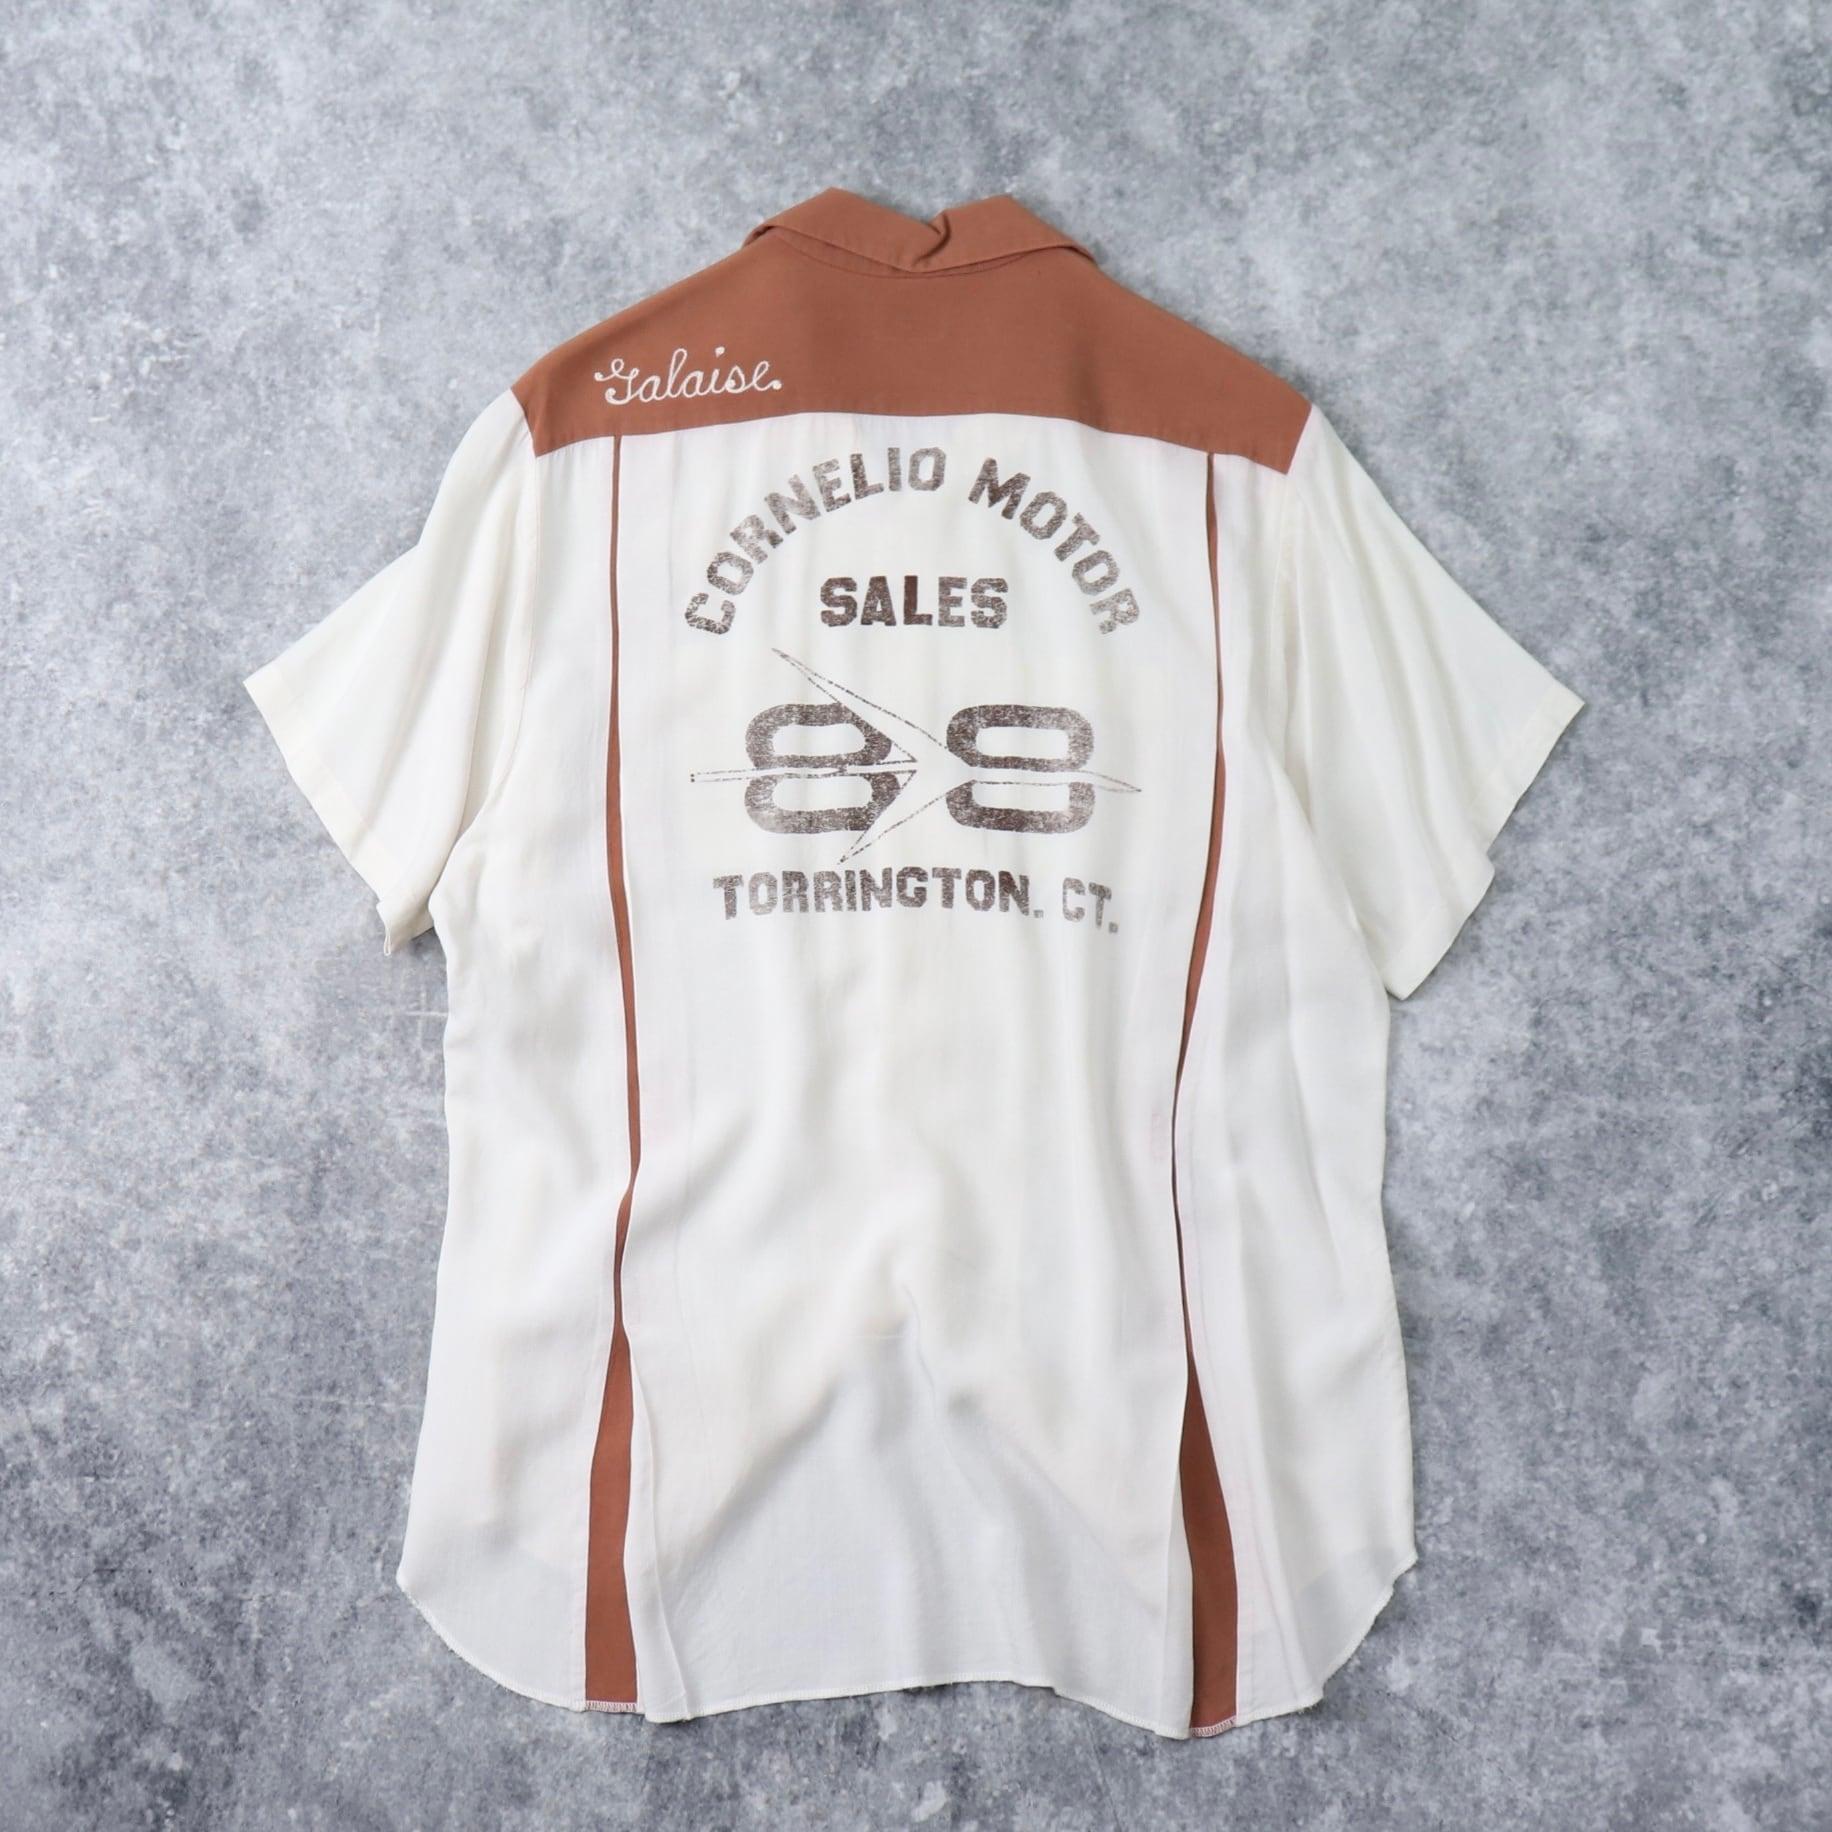 """60年代 """" Service Bowling Shirts """" ボーリングシャツ レーヨン100% 切り替え2トーン チェーン刺繡 メンズM ヴィンテージ 古着 A262"""